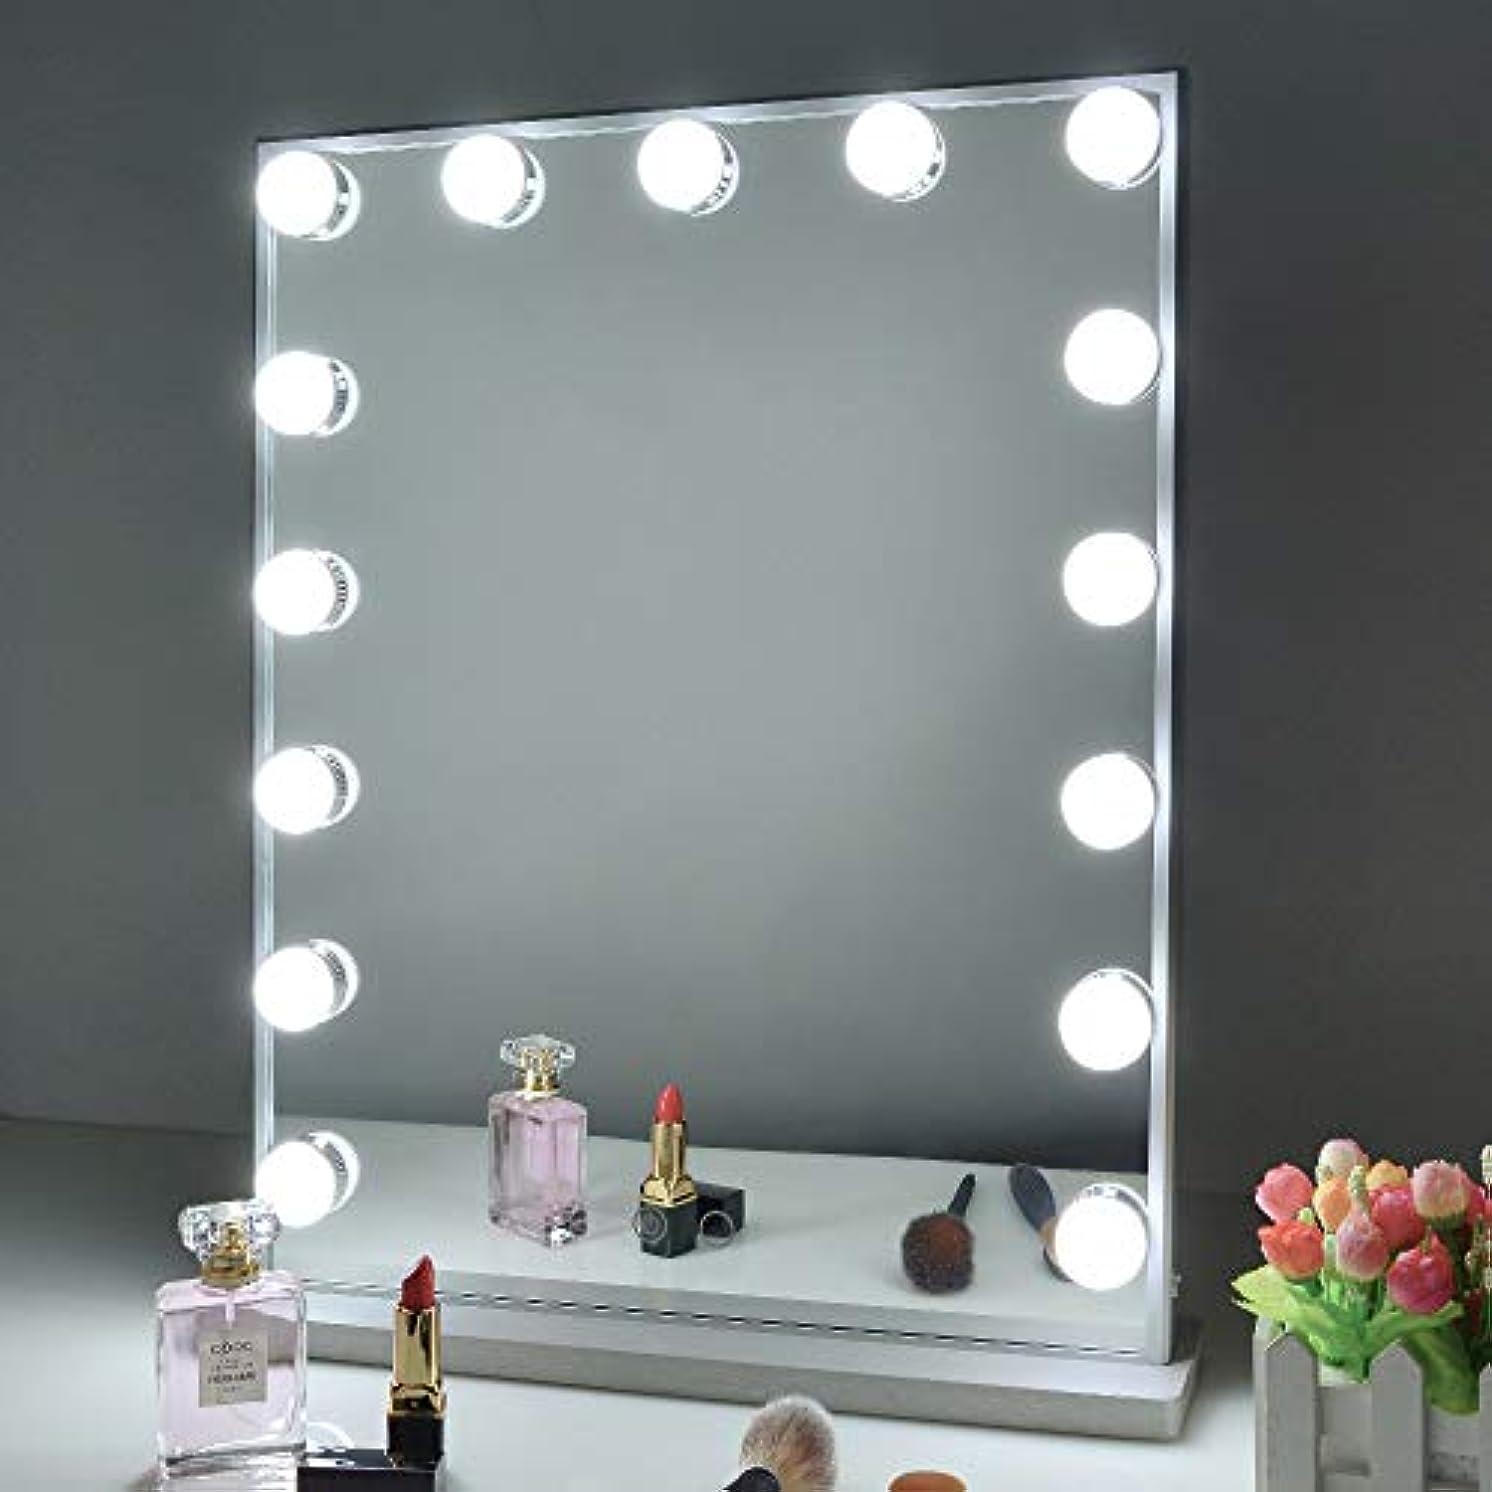 パリティ家族までWonstart 女優ミラー led化粧鏡 ハリウッドミラー 15個LED電球付き 寒色?暖色2色調光 明るさ調整可能 スタンド付き 卓上/壁掛け両用(シルバー)